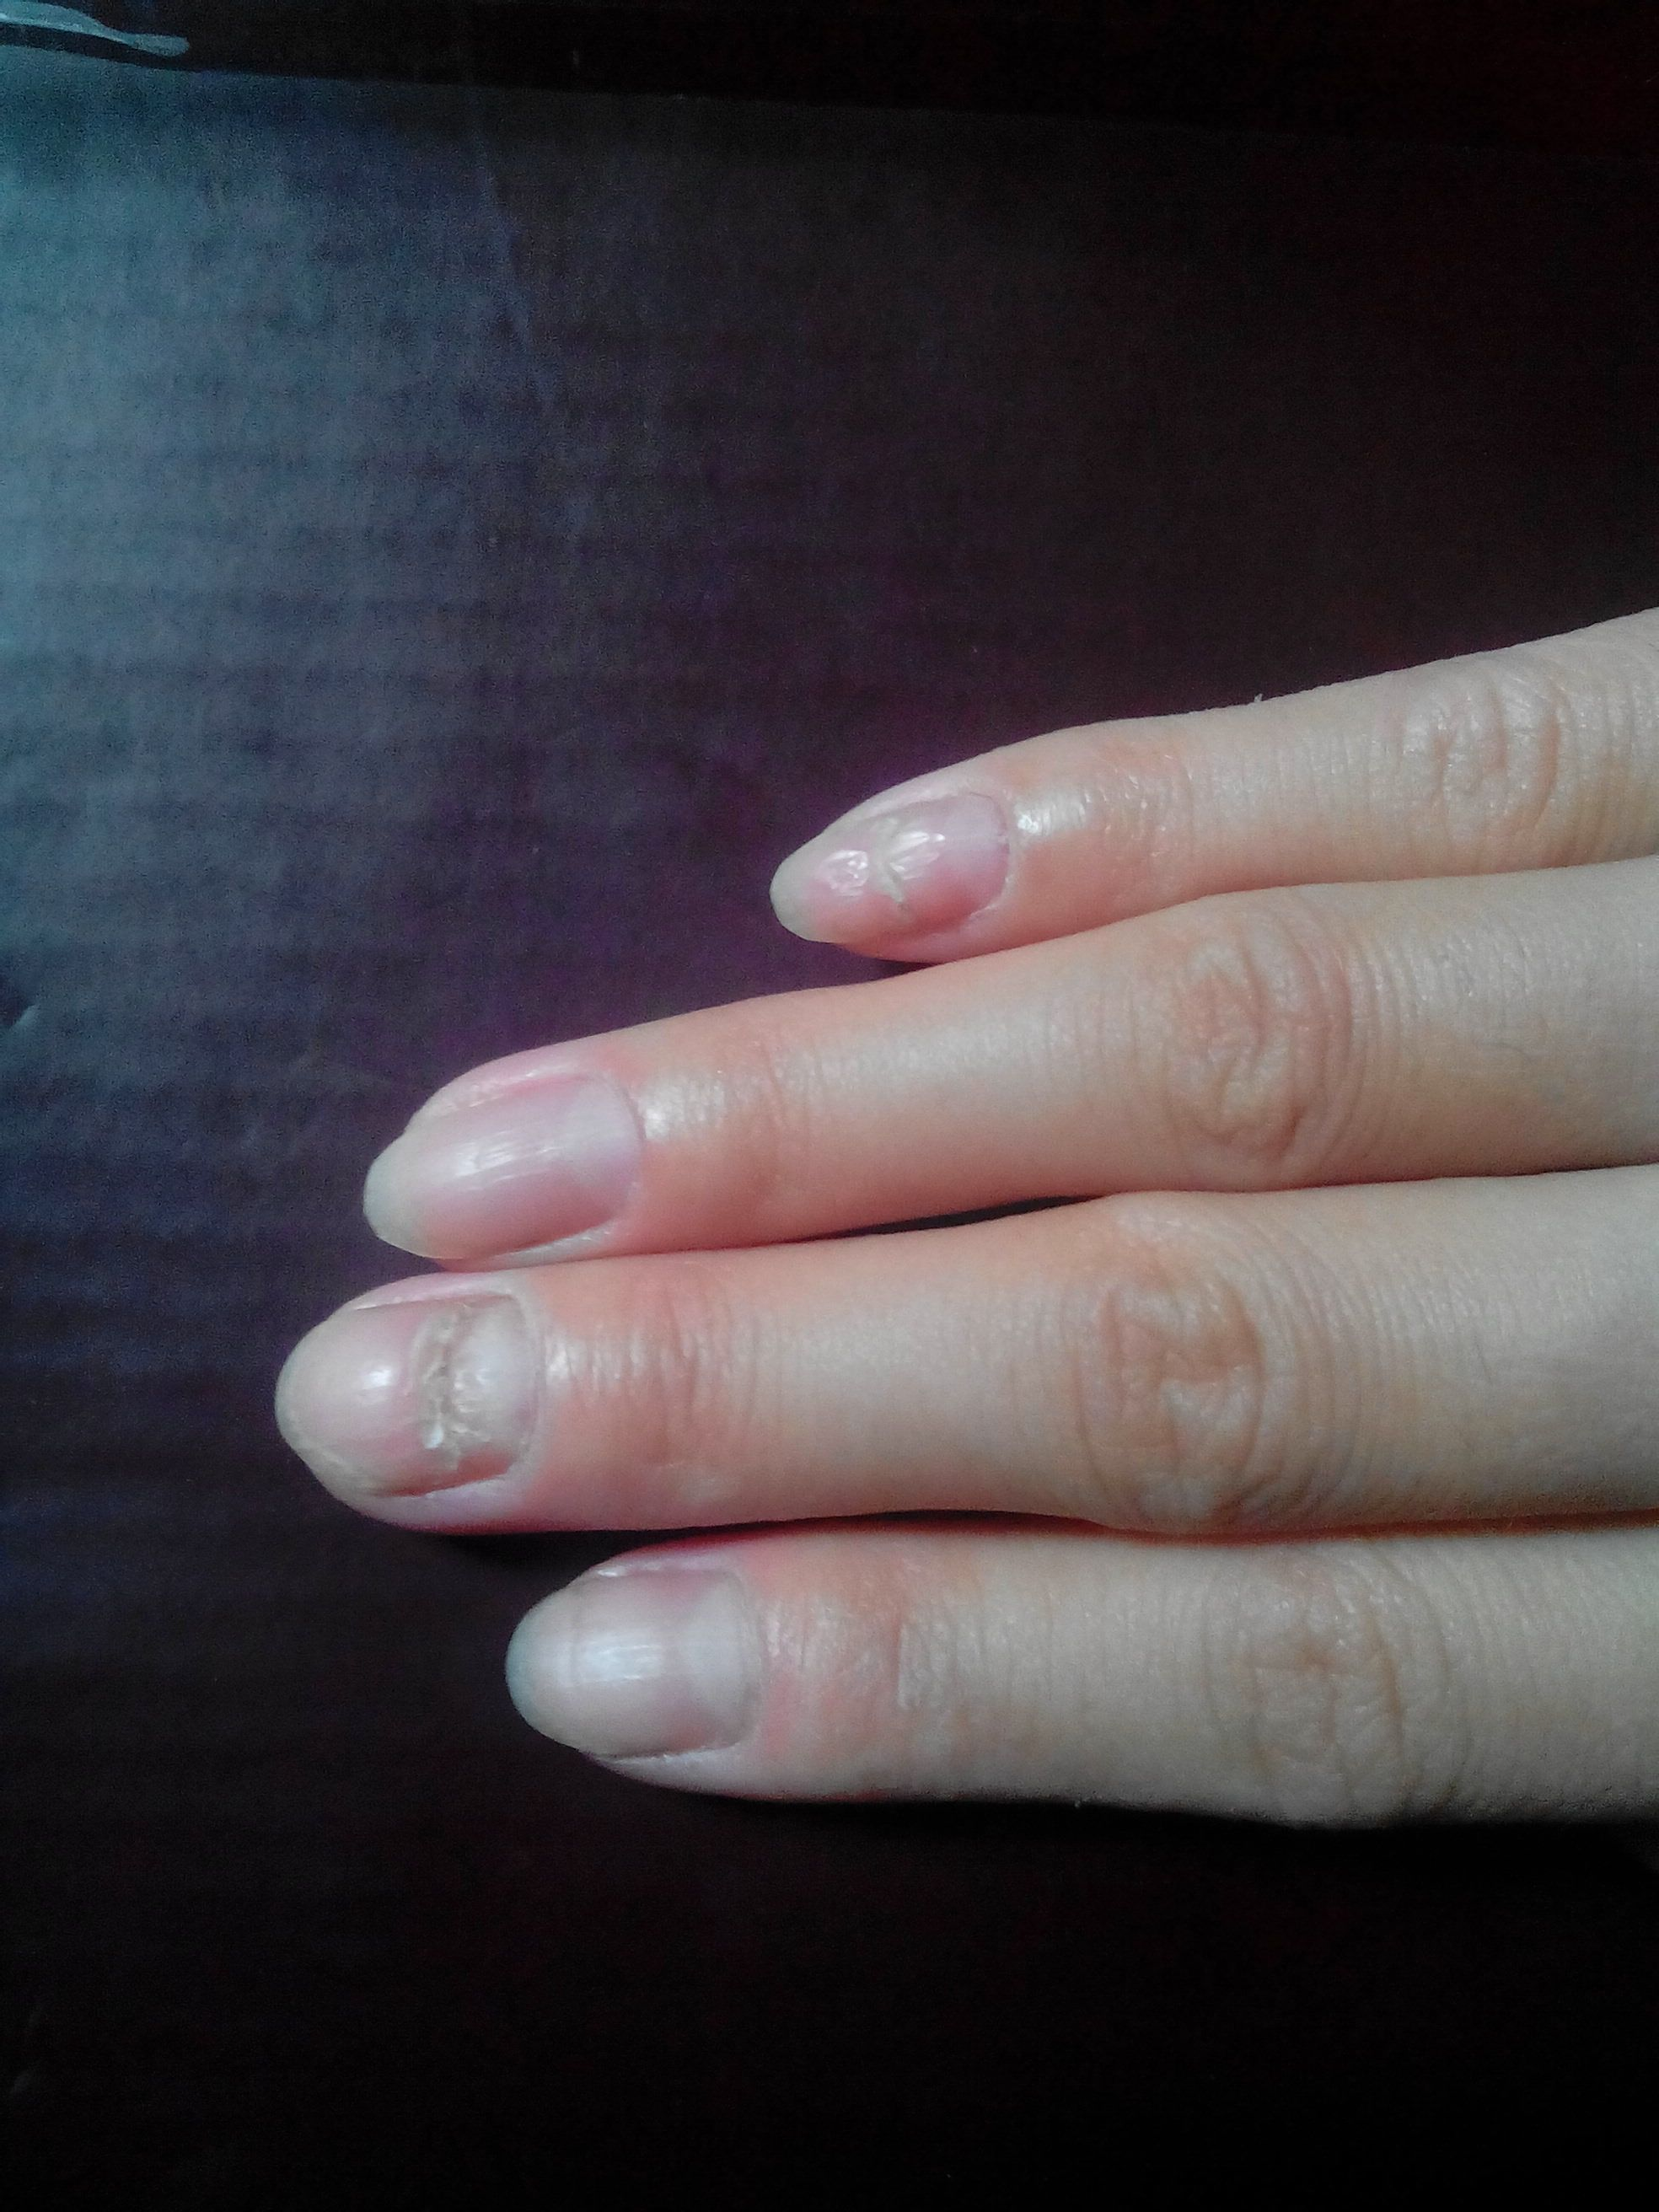 手指甲中间会断是怎么回事?有图大家帮看看 是缺什么营养?图片